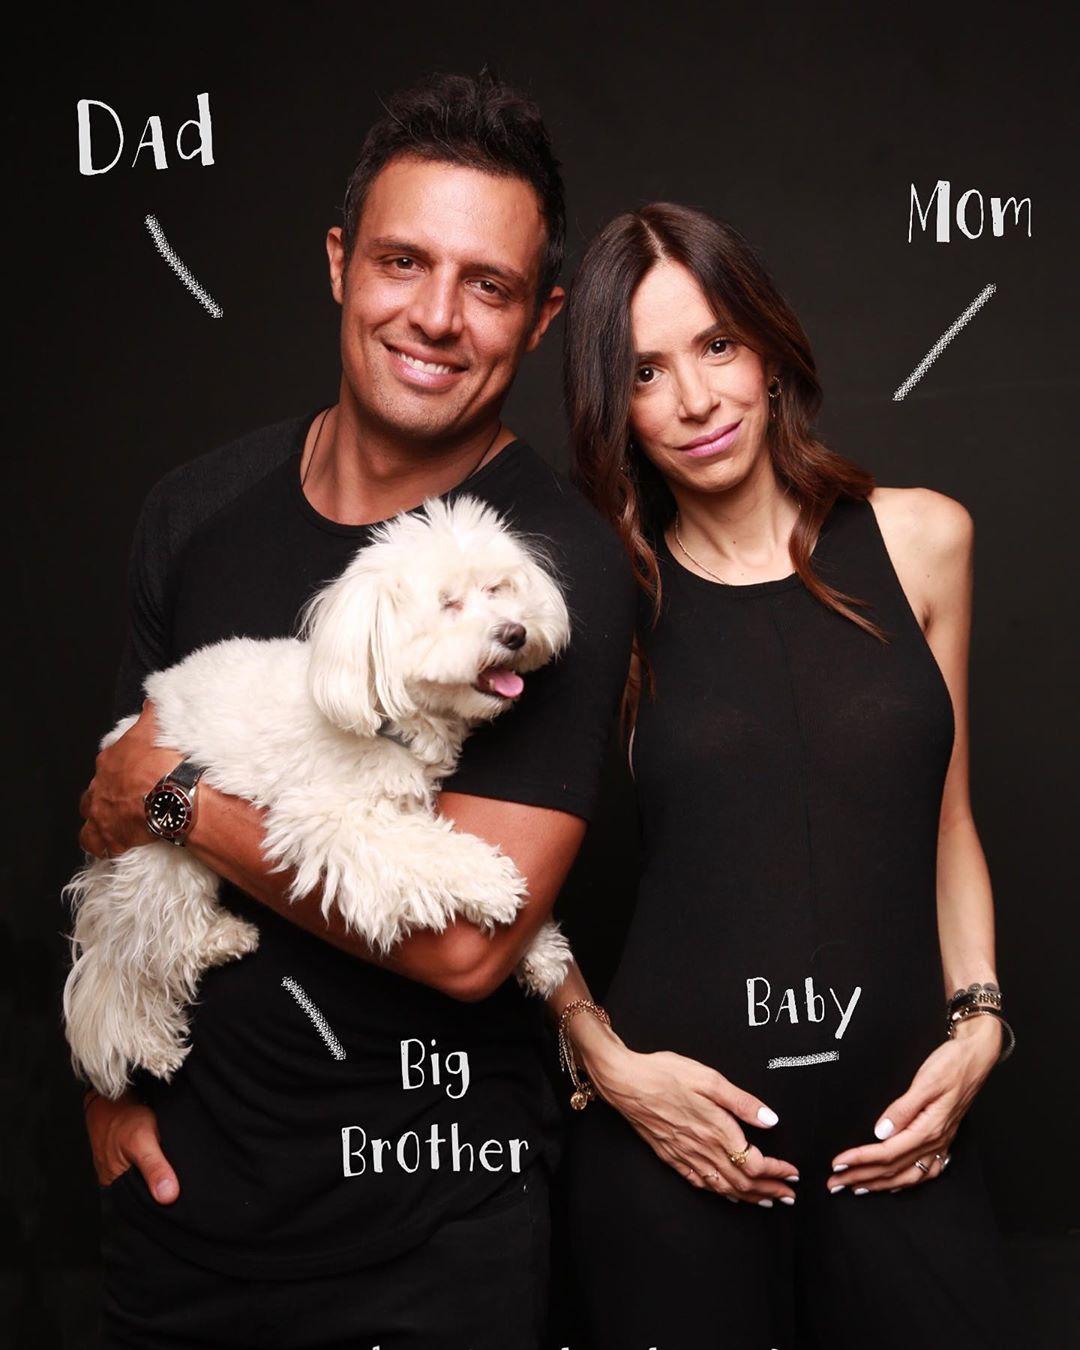 Η οικογενειακή φωτογραφία του Σάββα Πούμπουρα